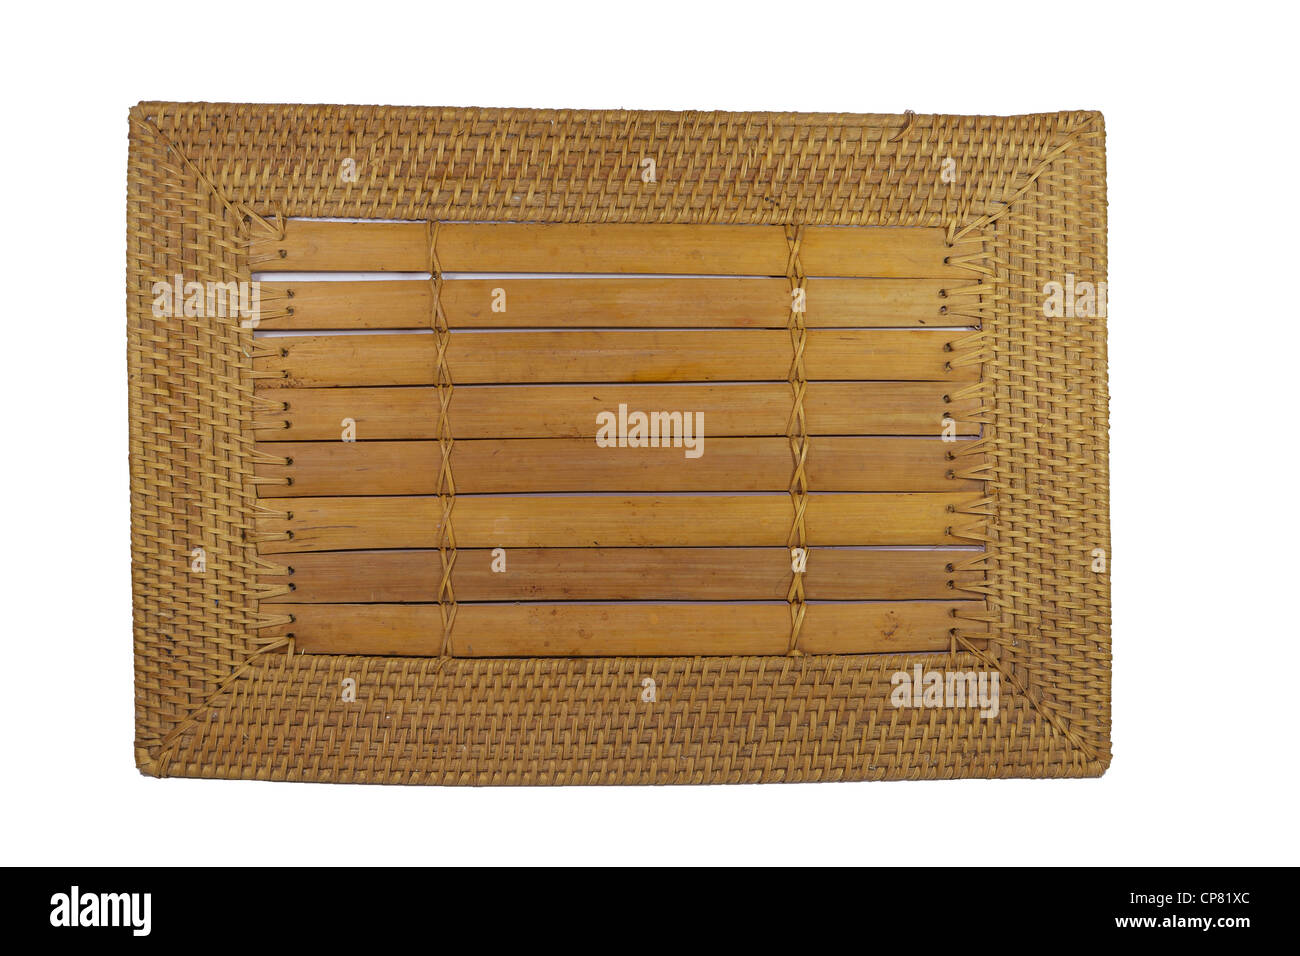 Nahaufnahme Bild Von Einem Bambus Tischset Mit Wooven Ratan Rand